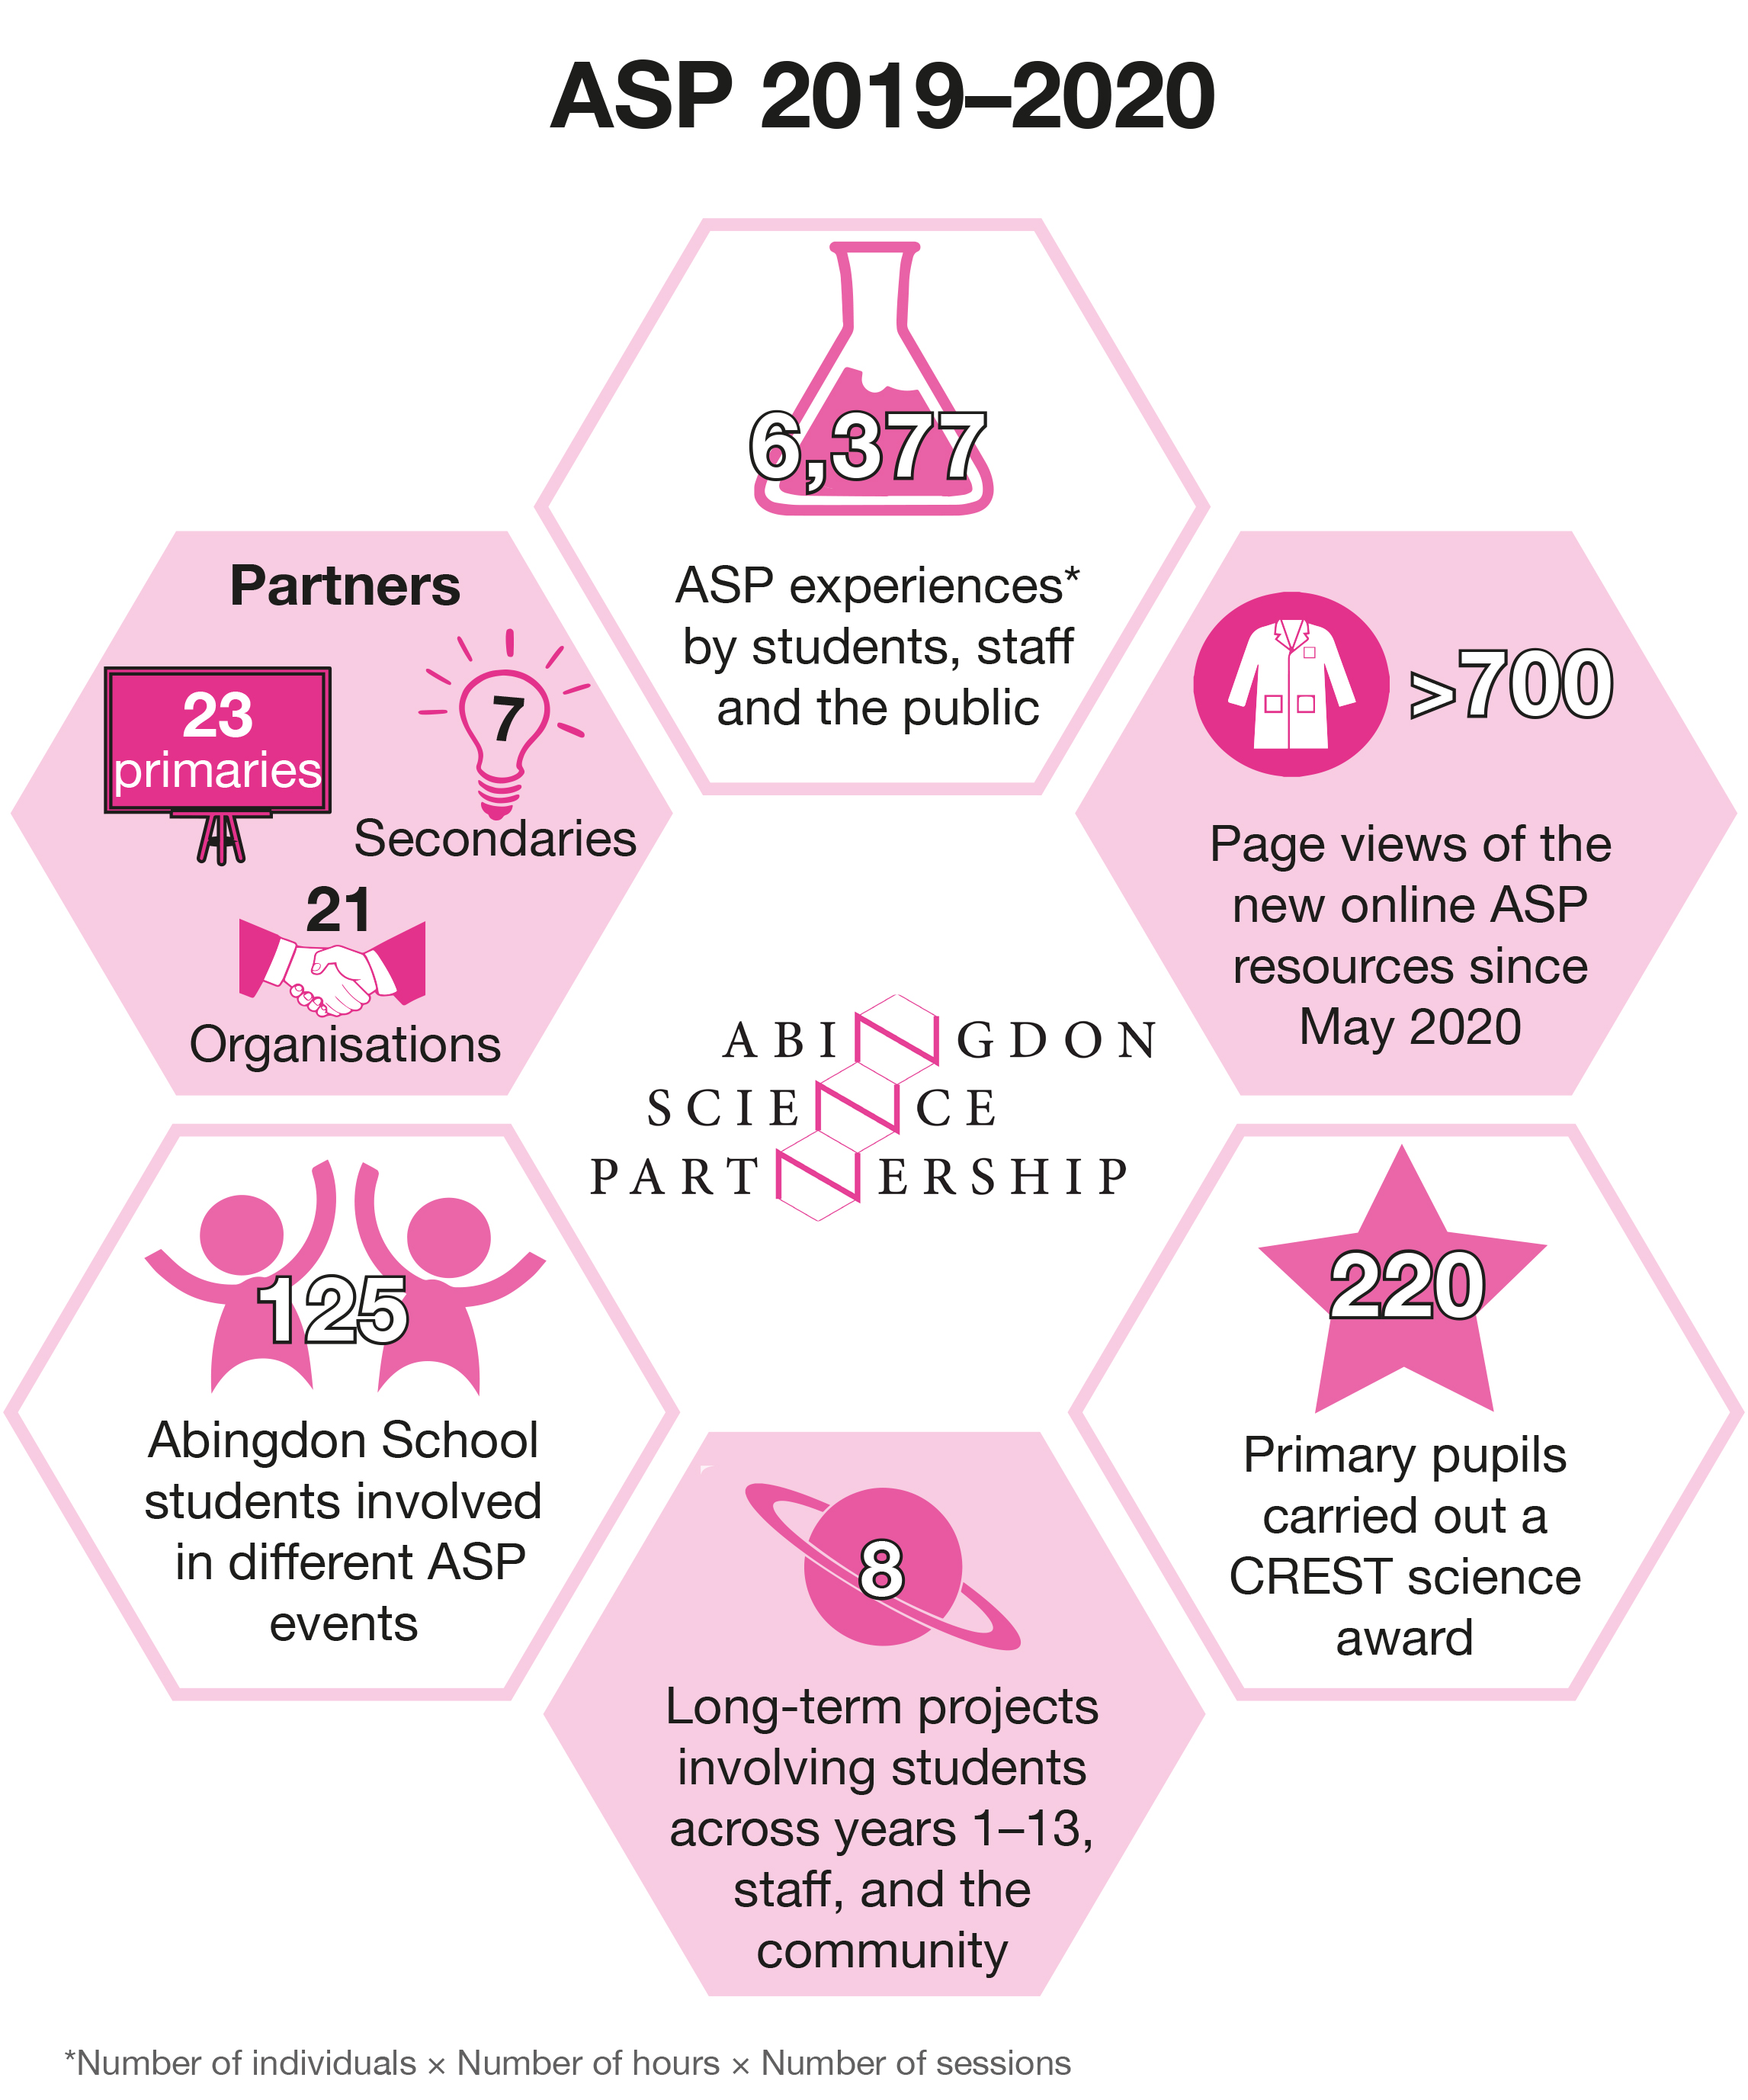 Abingdon Science Partnership activity summary 2019-2020